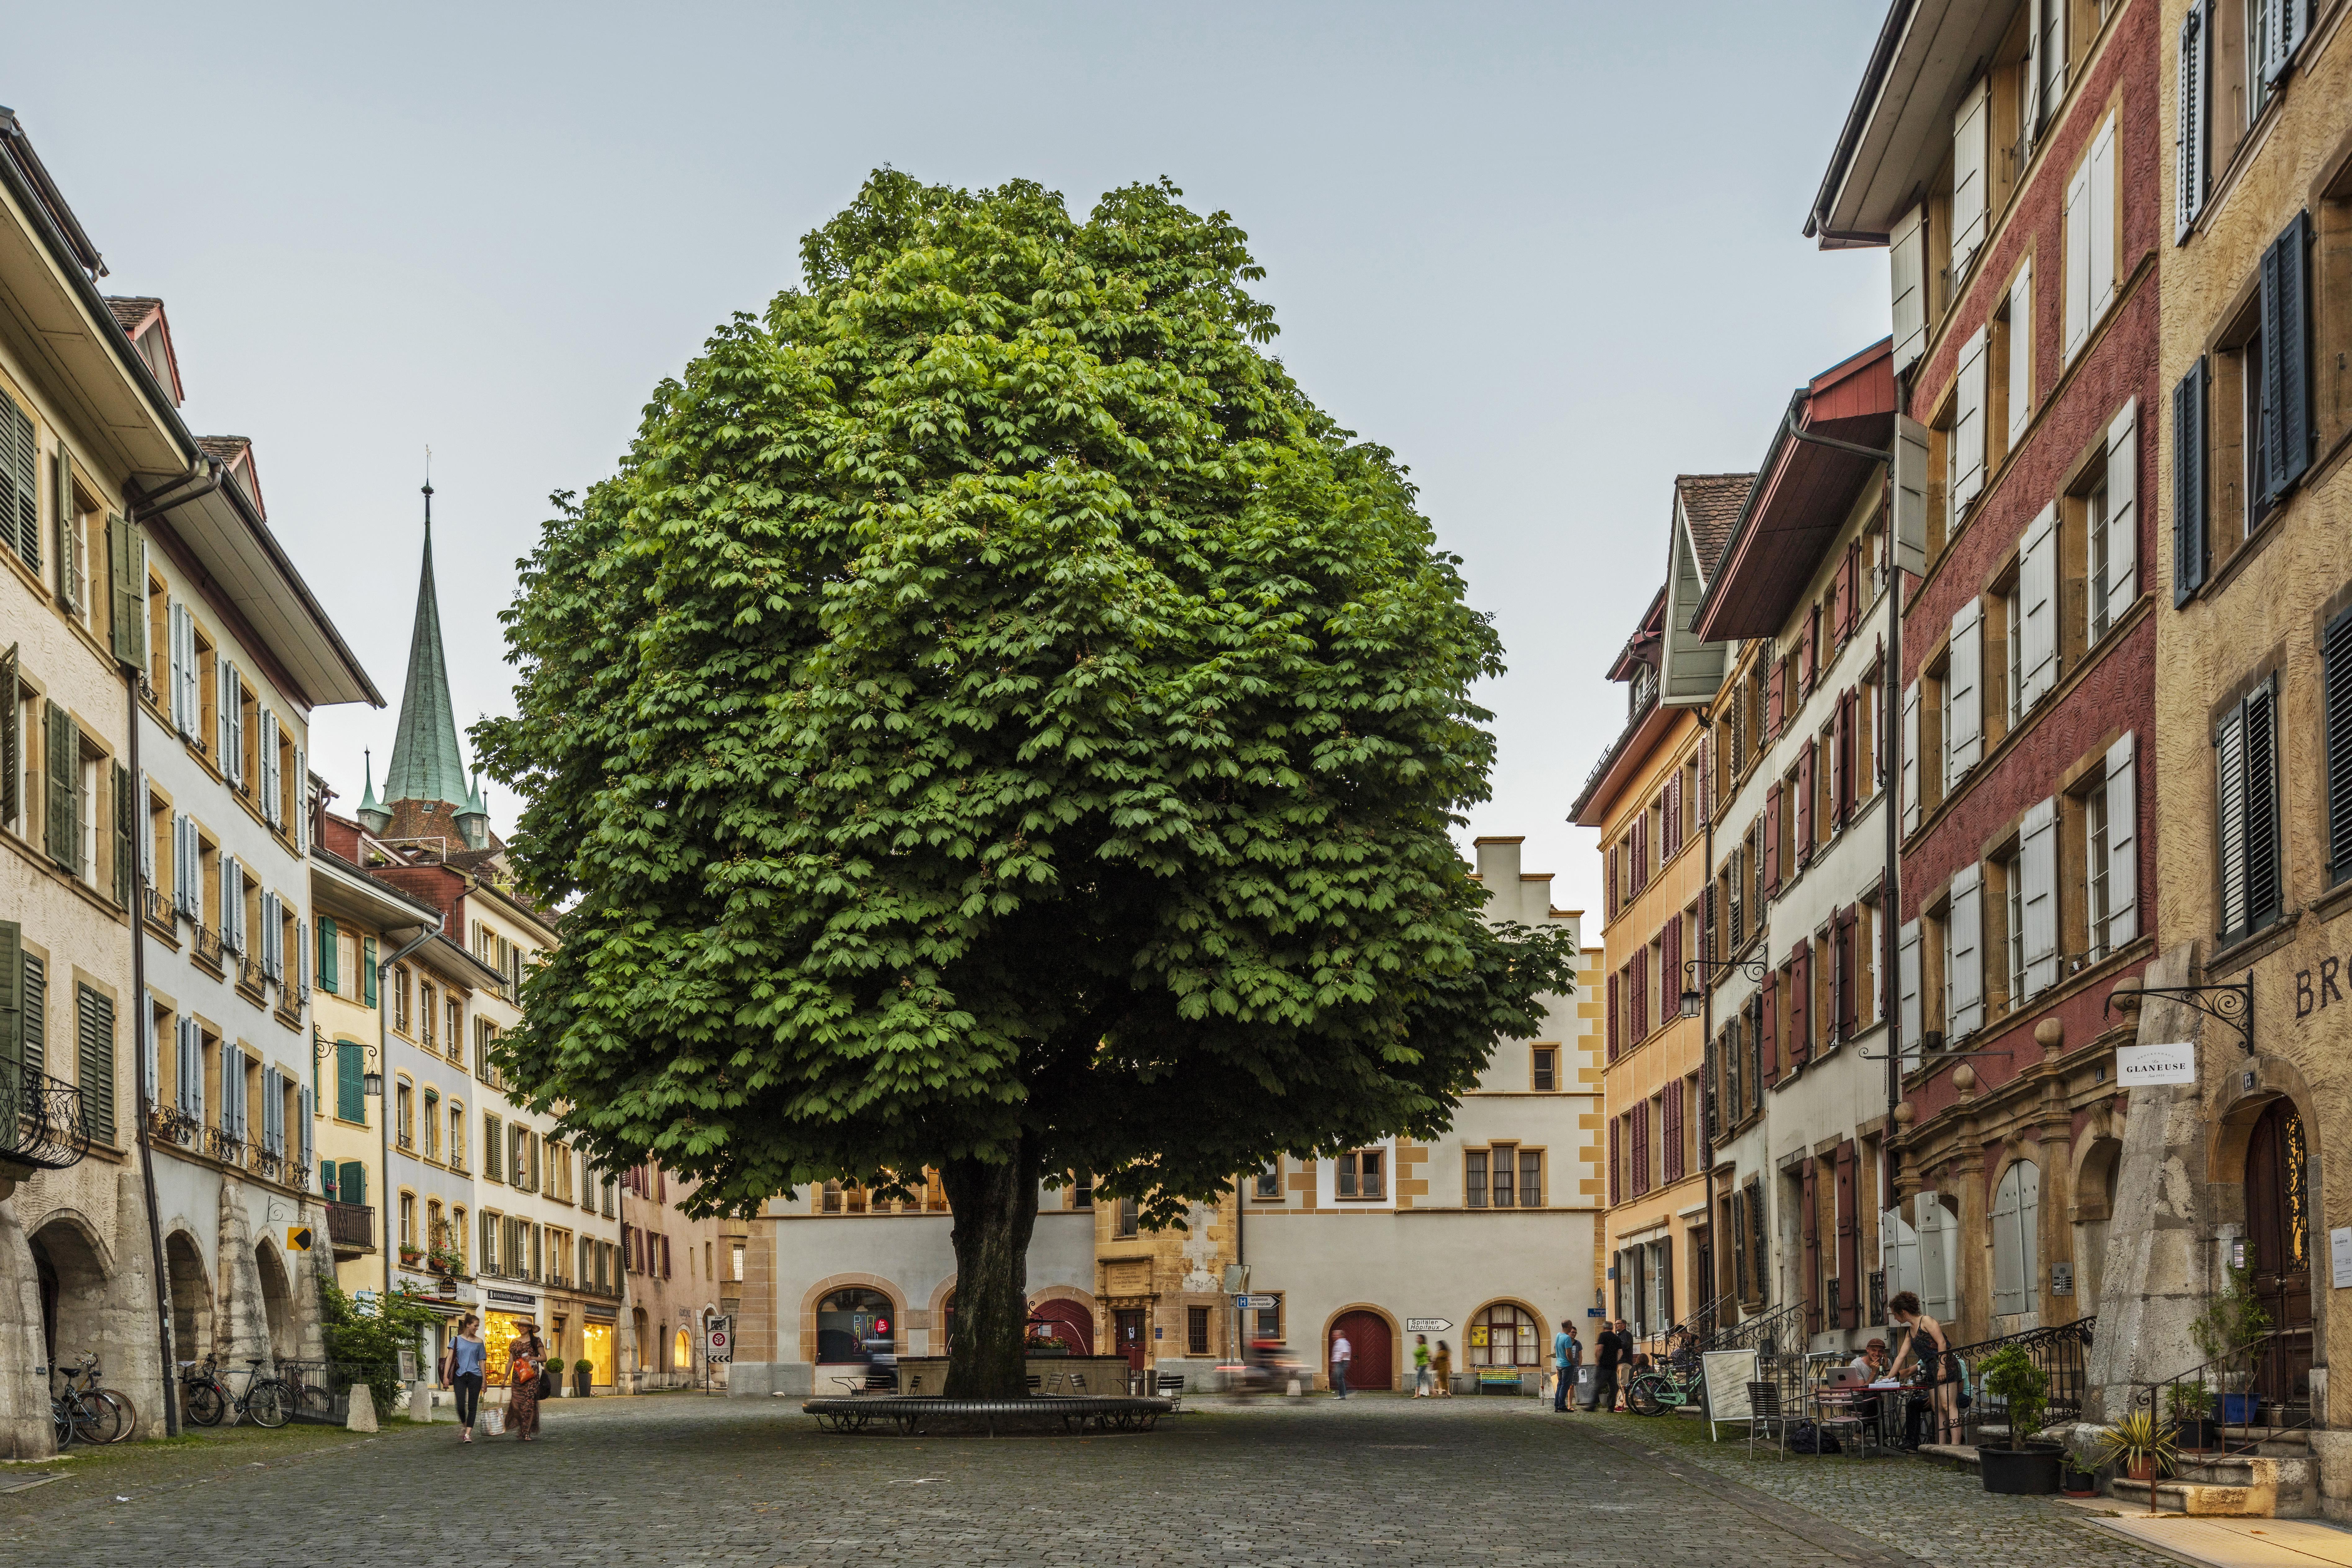 Man sieht einen grossen Platz mit Pflasterstein, auf dem ein grosser Baum und ein Brunnen stehen. Es gibt ein paar Fussgänger, die vorbeispazieren. Der Platz ist von alten, schönen Häusern umgeben.